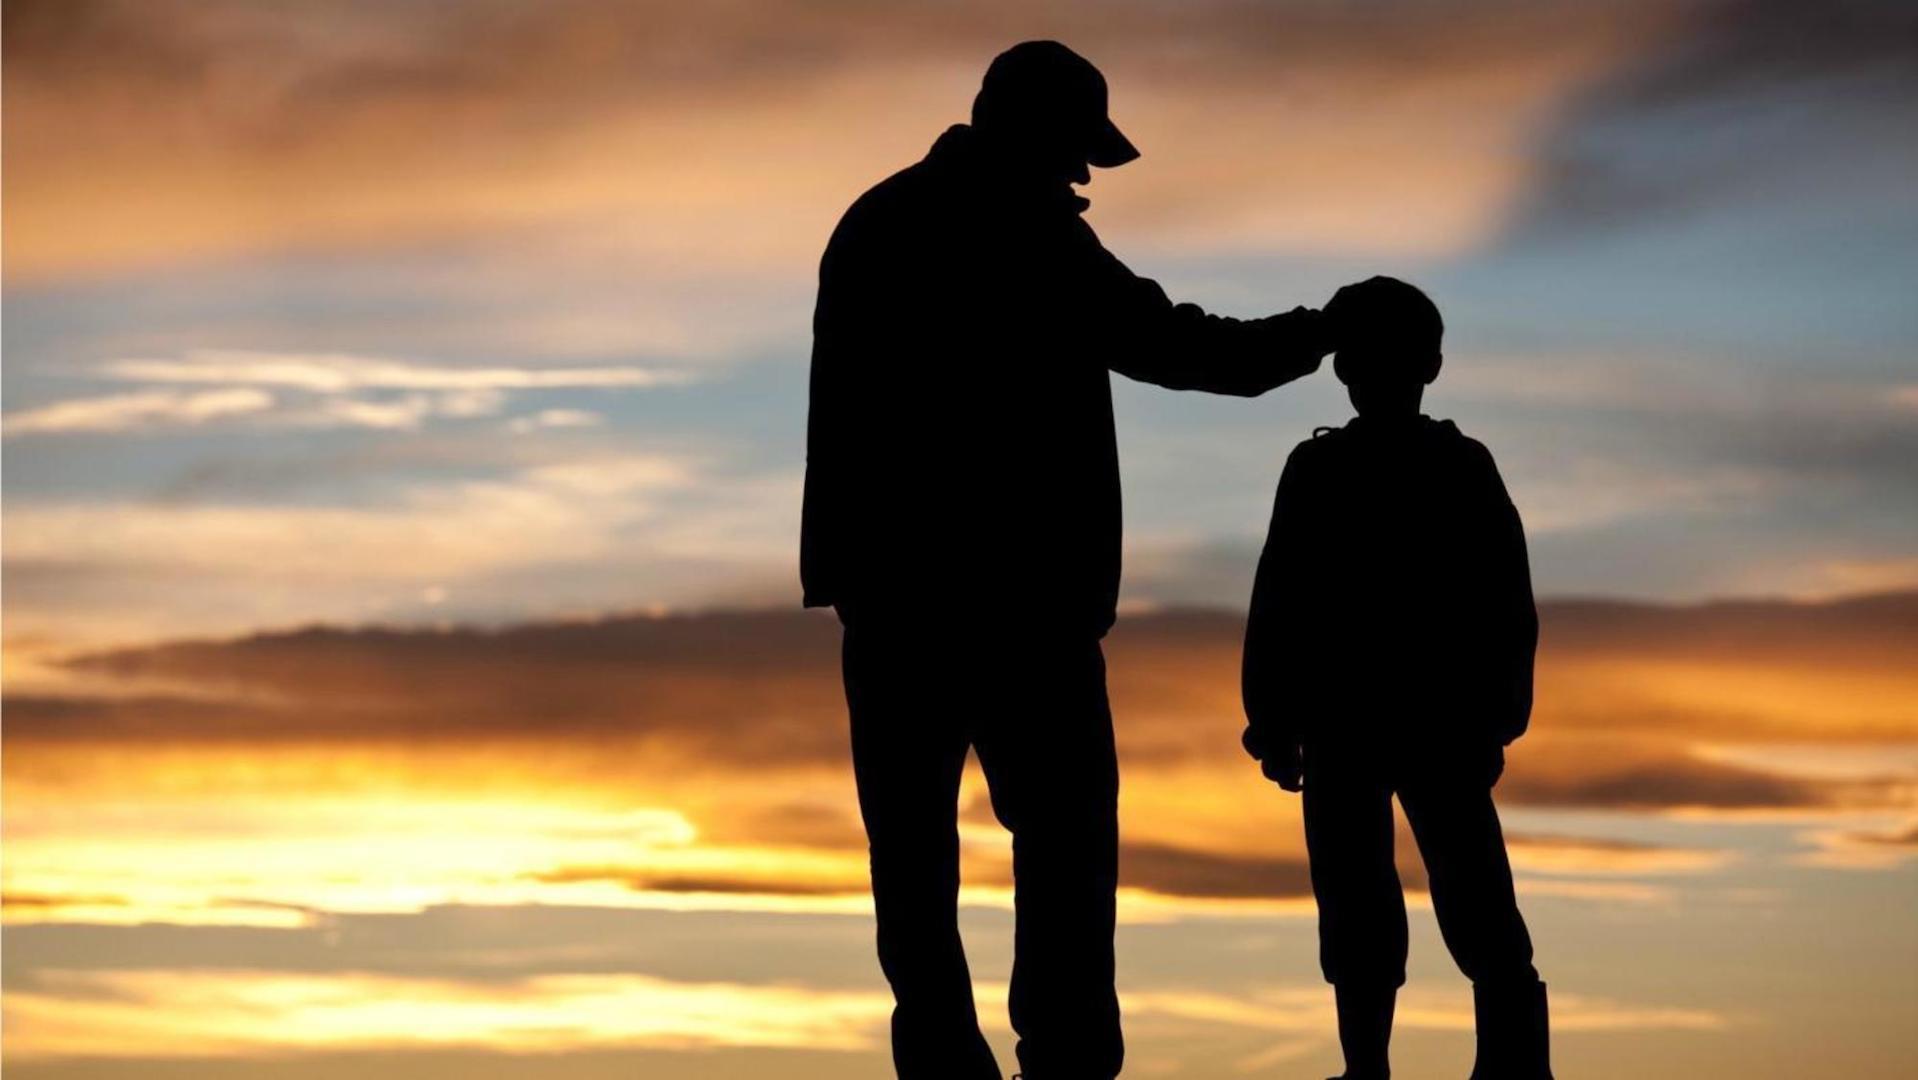 Ο Δημοσθένης Δαββέτας με αφορμή βίαια επεισόδια μαθητών στην Γαλλία βρίσκει την ευκαιρία να αναλύσει την μονογενεϊκή οικογένεια στην Δύση. Και να επισημάνει την ανάγκη ο Πατέρας να μείνει στο Σπίτι. new deal